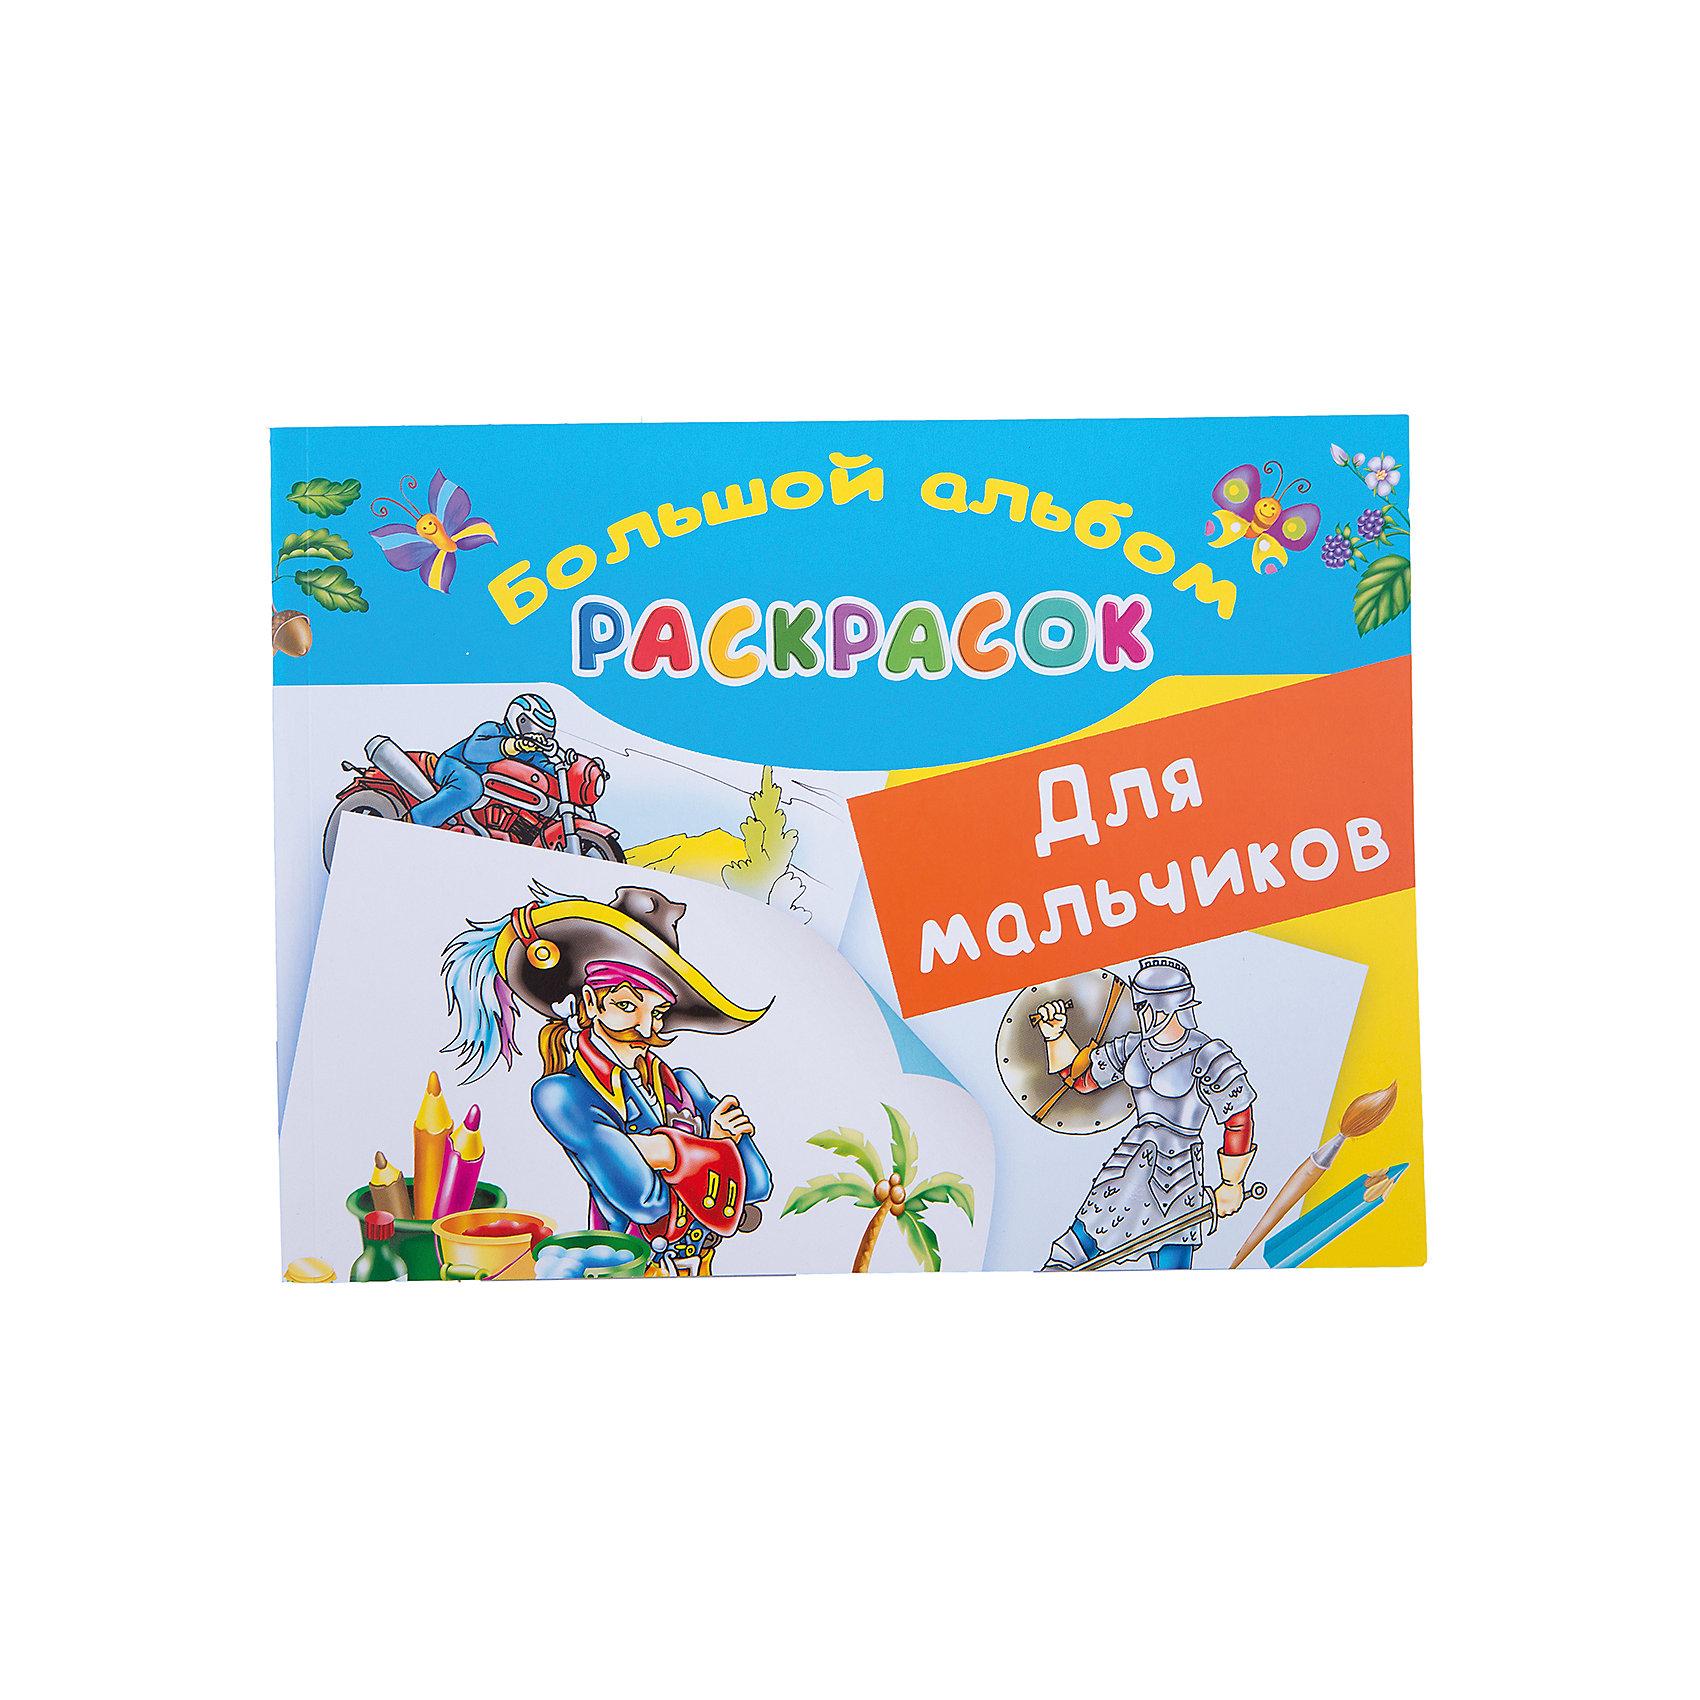 Малыш Большой альбом раскрасок для мальчиков издательство аст большой подарок для счастливой жизни для отважных мужчин и умных женщин